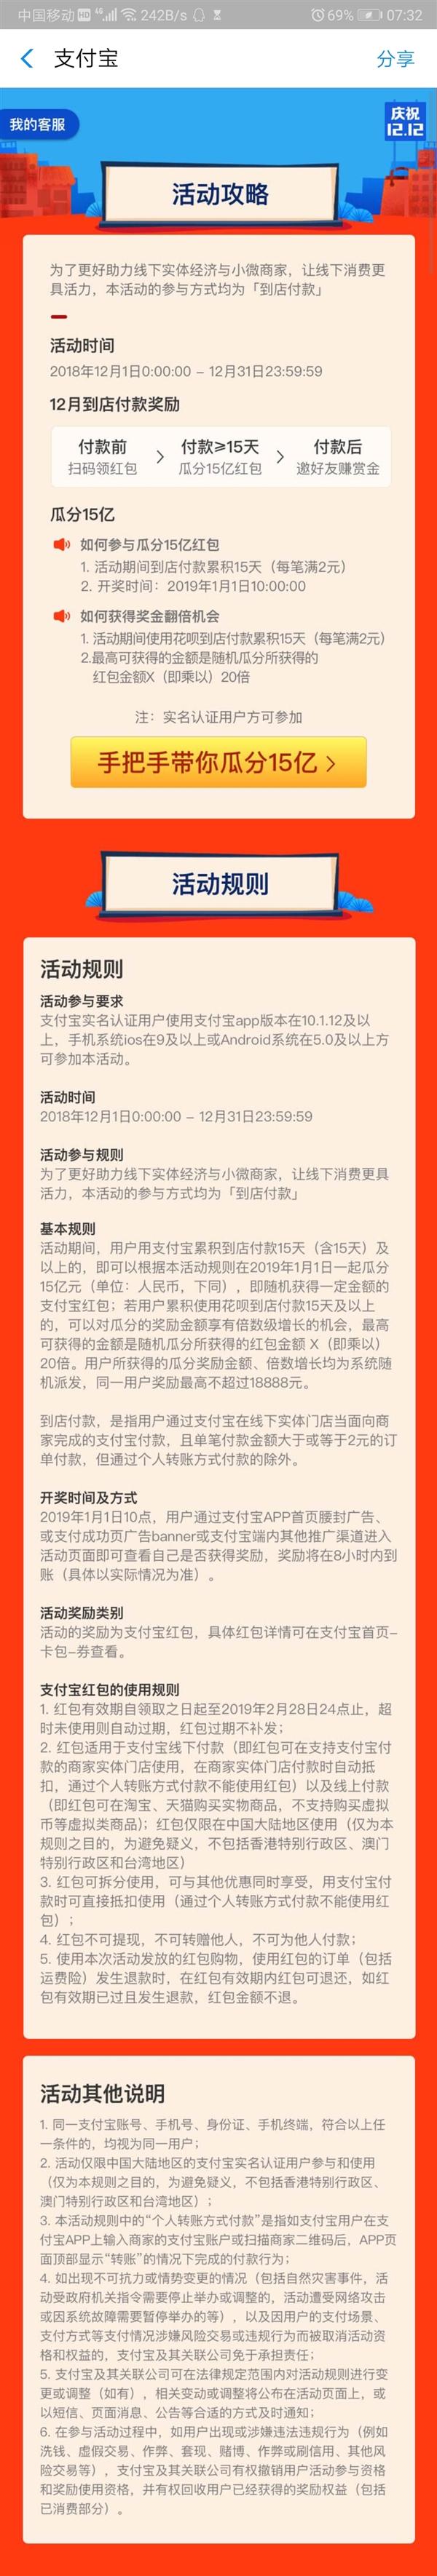 支付宝12月到店付款15天送15亿元红包:个人最高18888元的照片 - 3